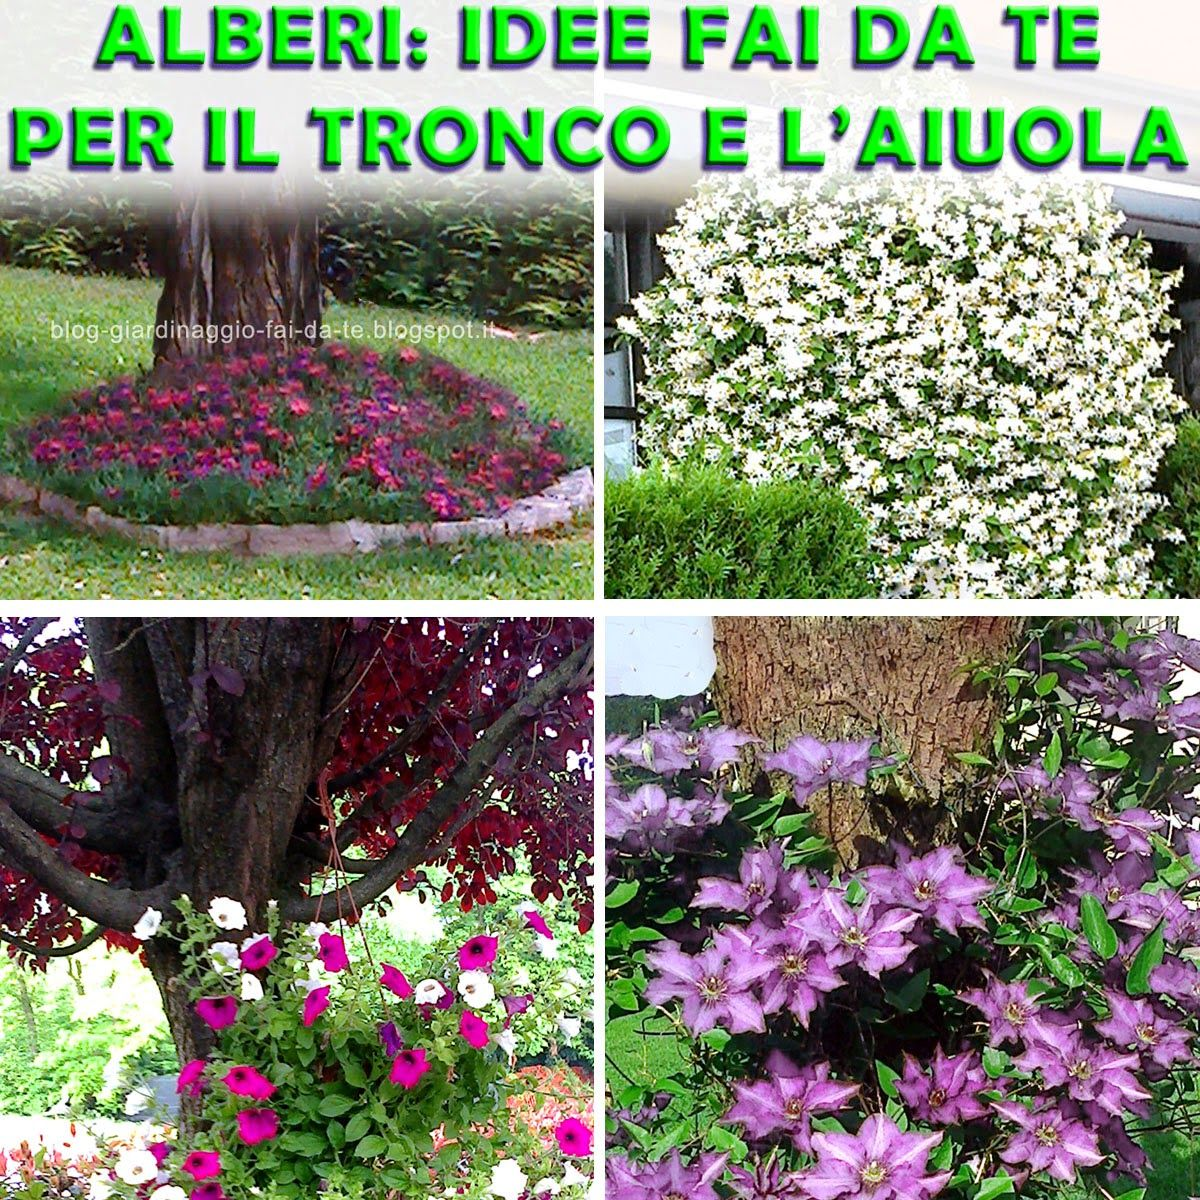 Il blog del giardinaggio fai da te consigli facili per - Idee per un giardino fai da te ...